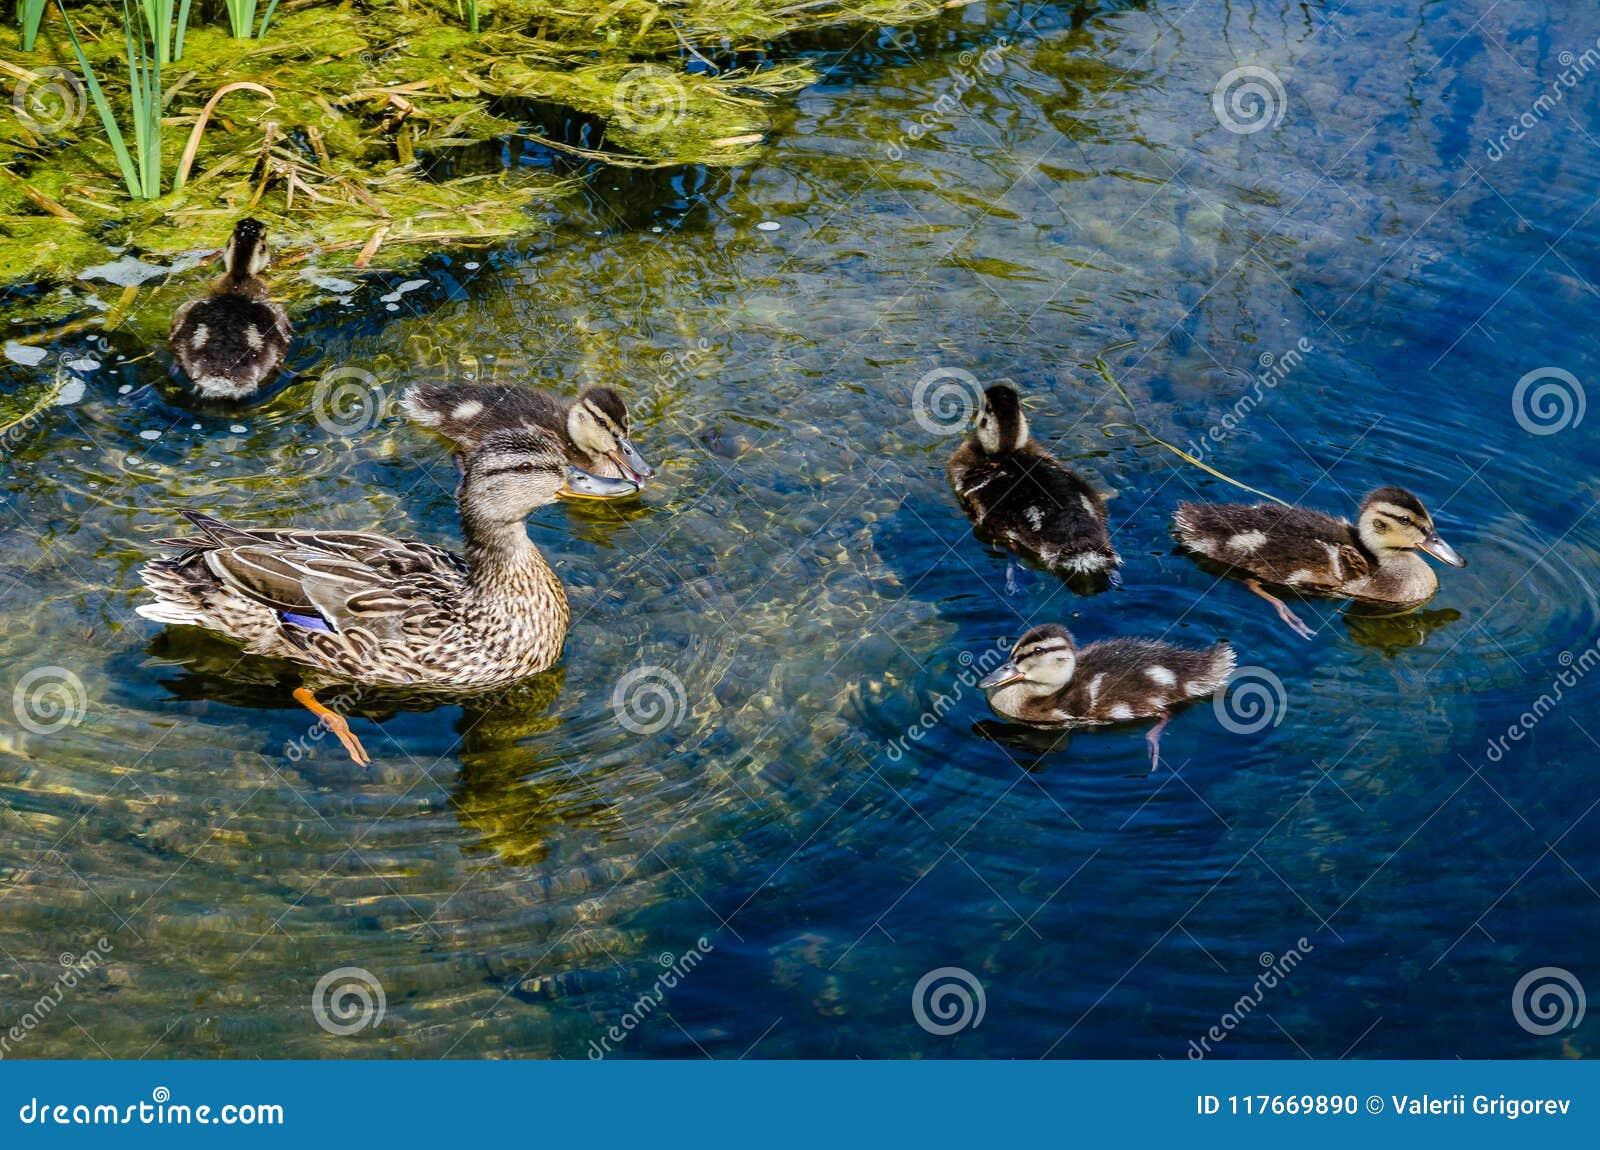 Eend met eendjes die in een vijver zwemmen